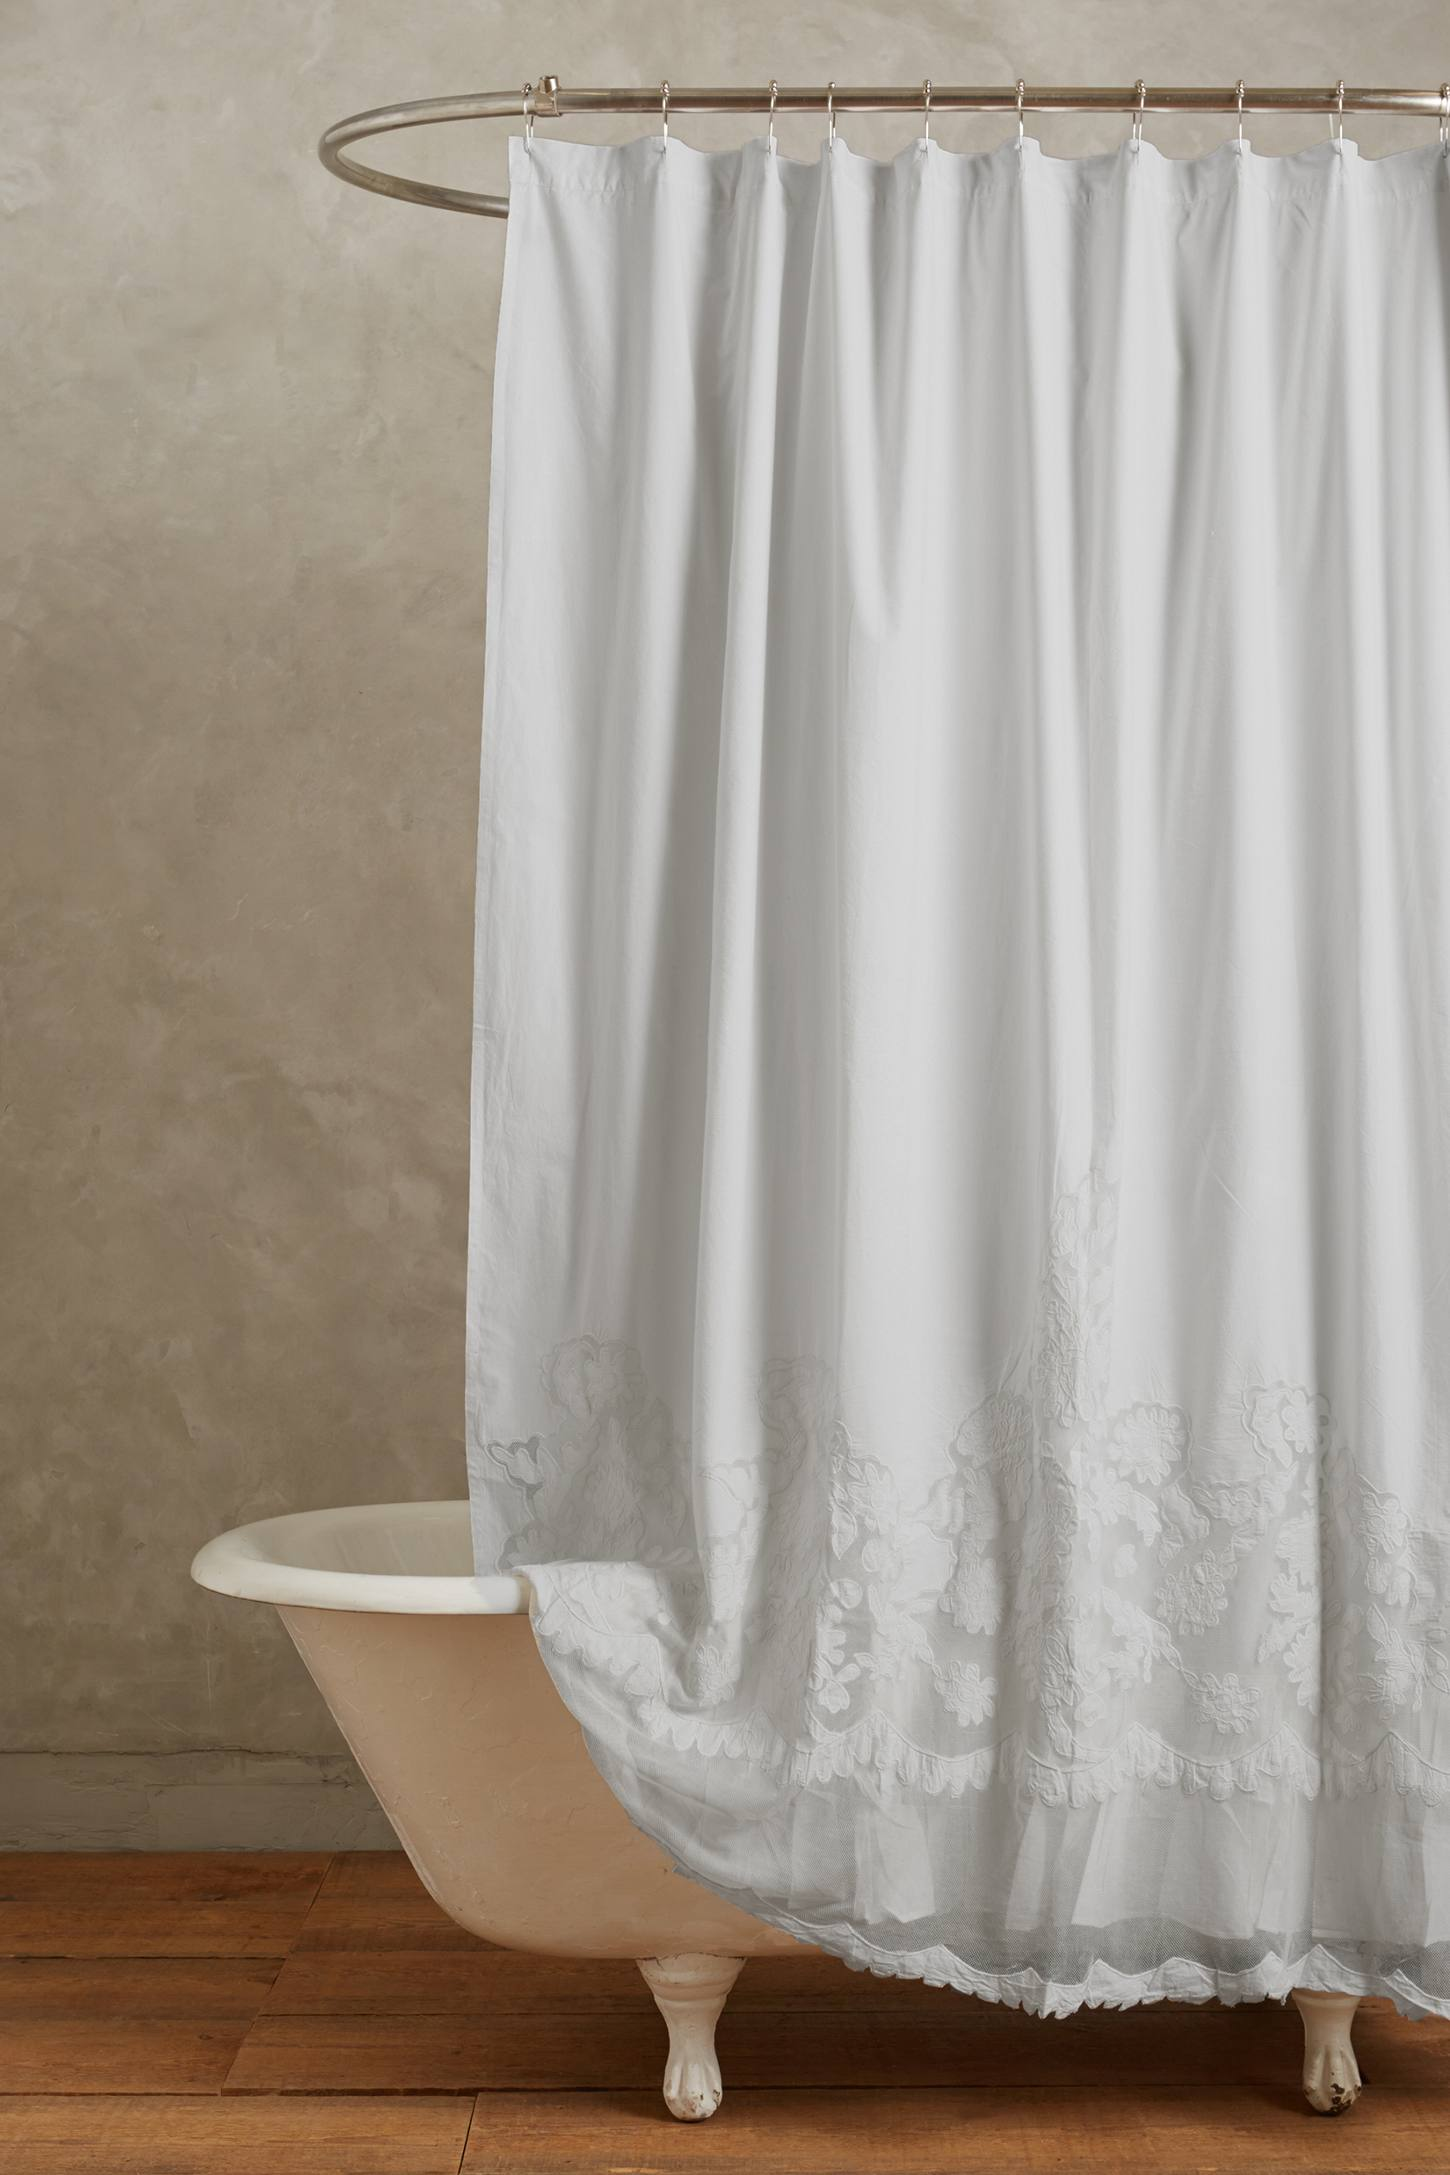 Anthropologie Shower Curtains Curtain Menzilperde Net